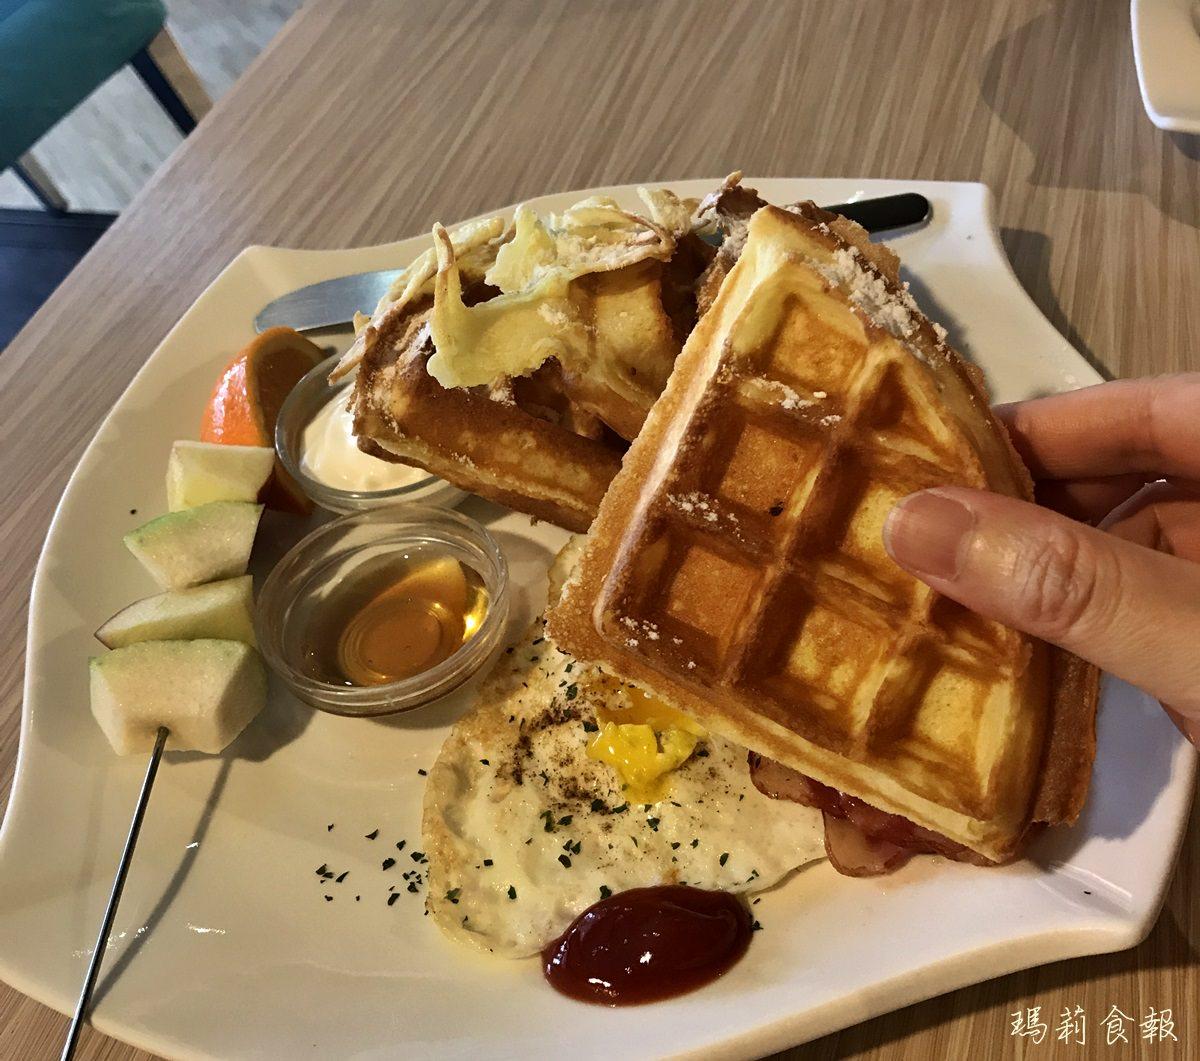 台中北區 In cafe 浸在咖啡 甜、鹹鬆餅必點 科博館周邊早午餐推薦